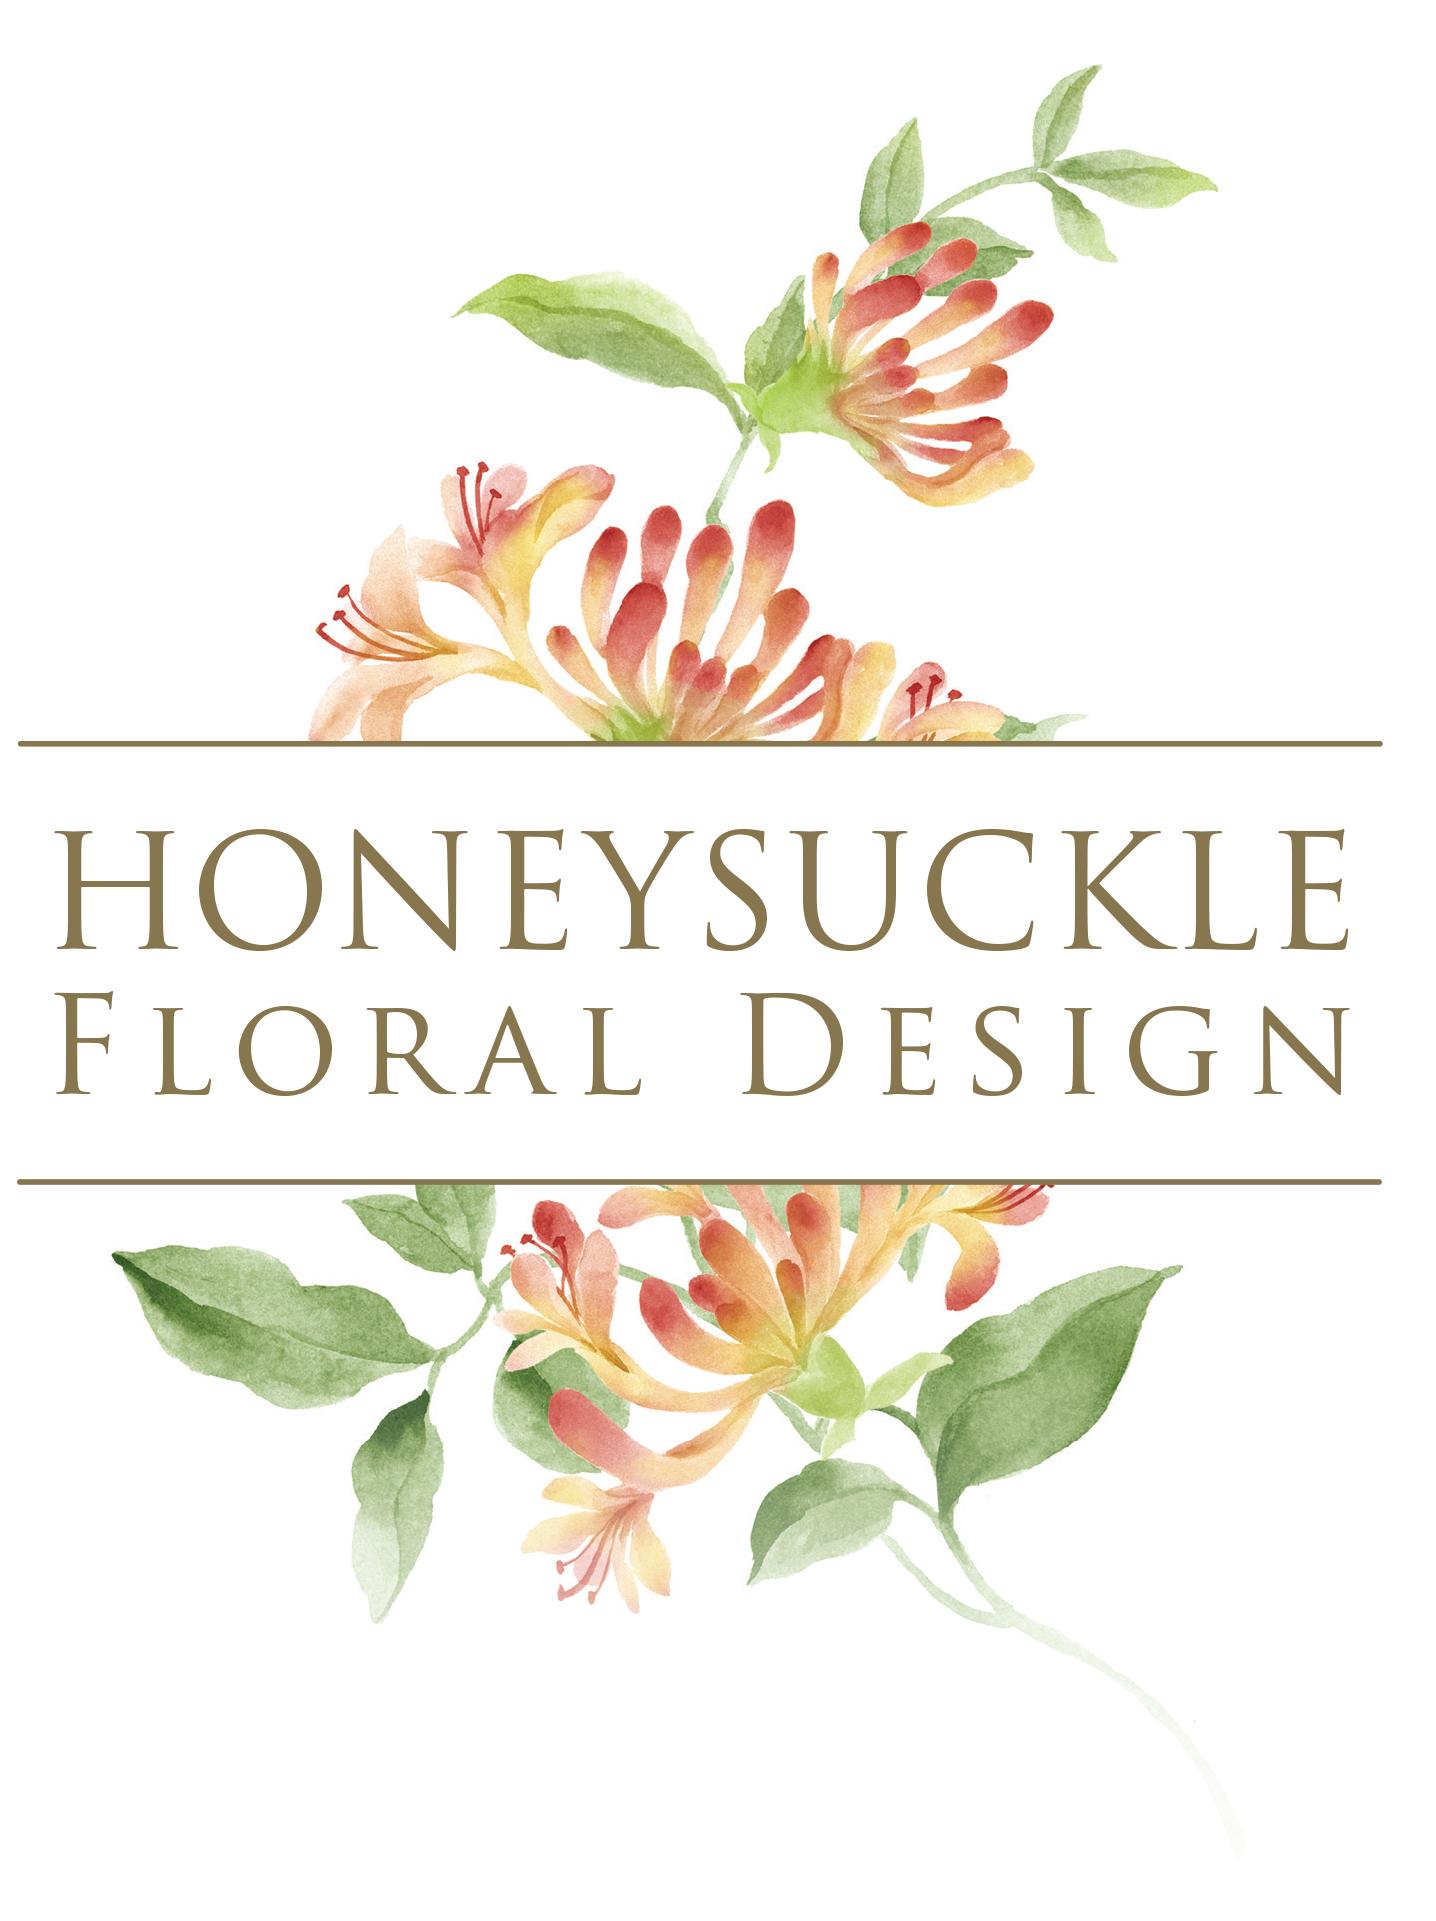 Honeysuckle Floral Design